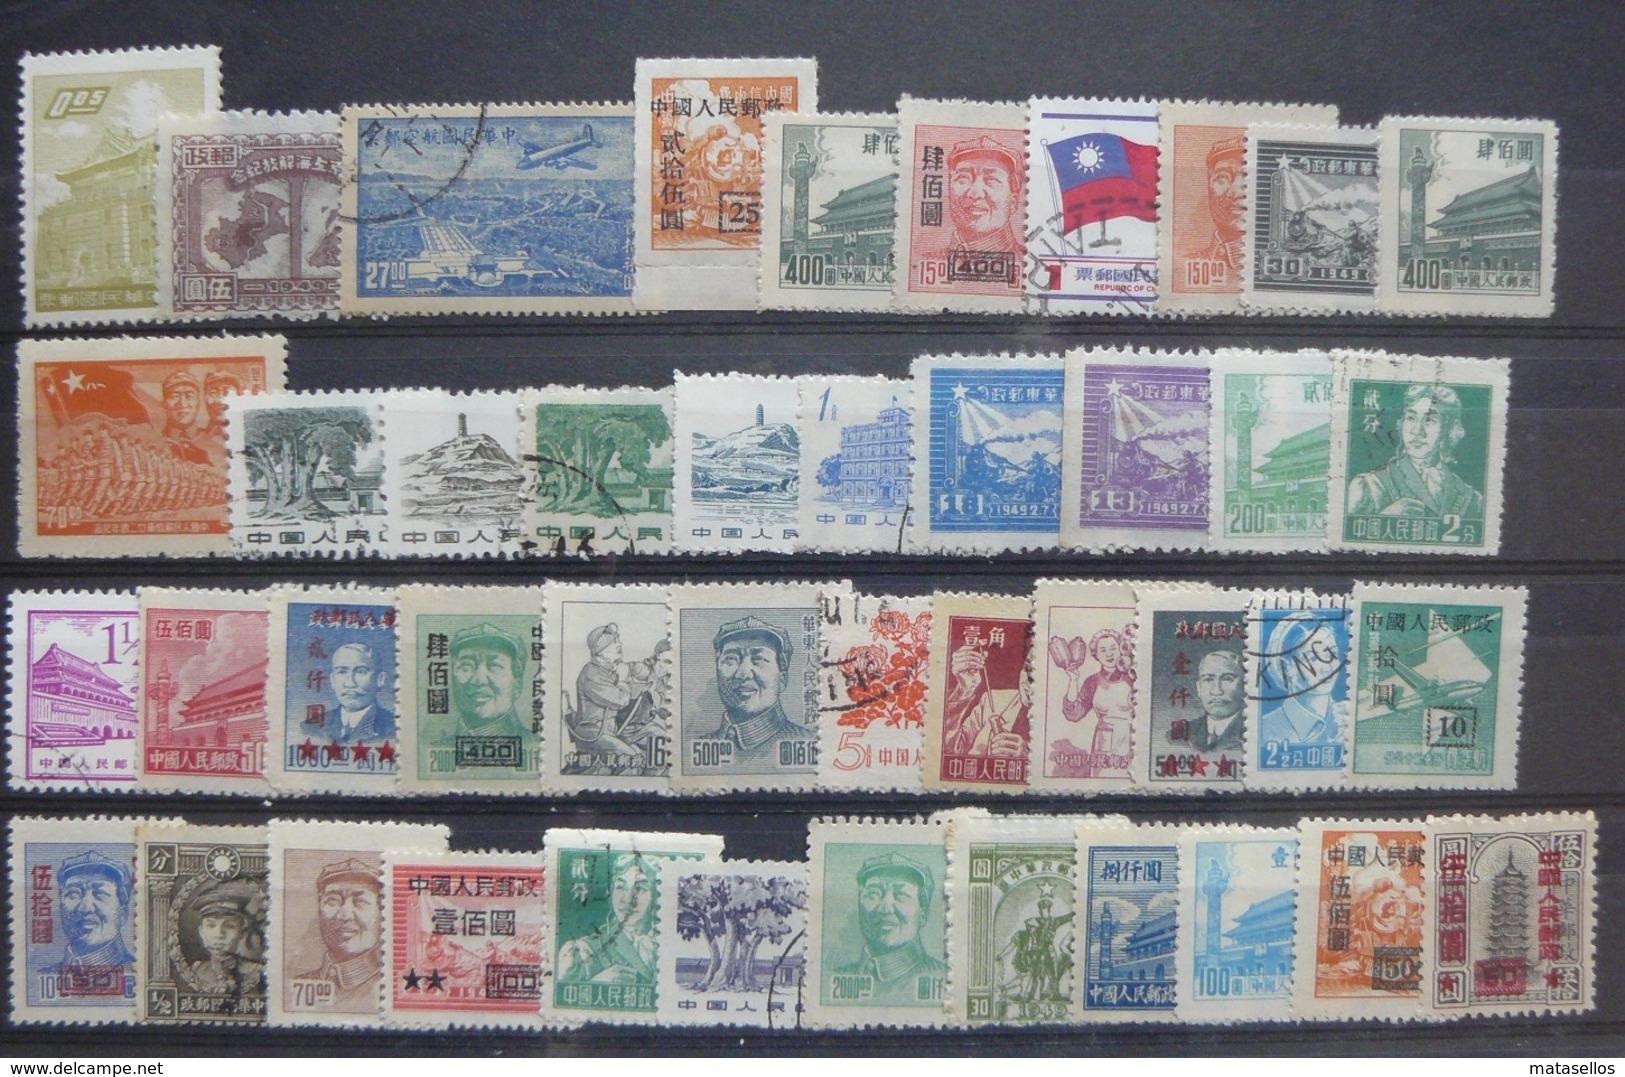 Stamps Of China - Estampillas De China - Cina